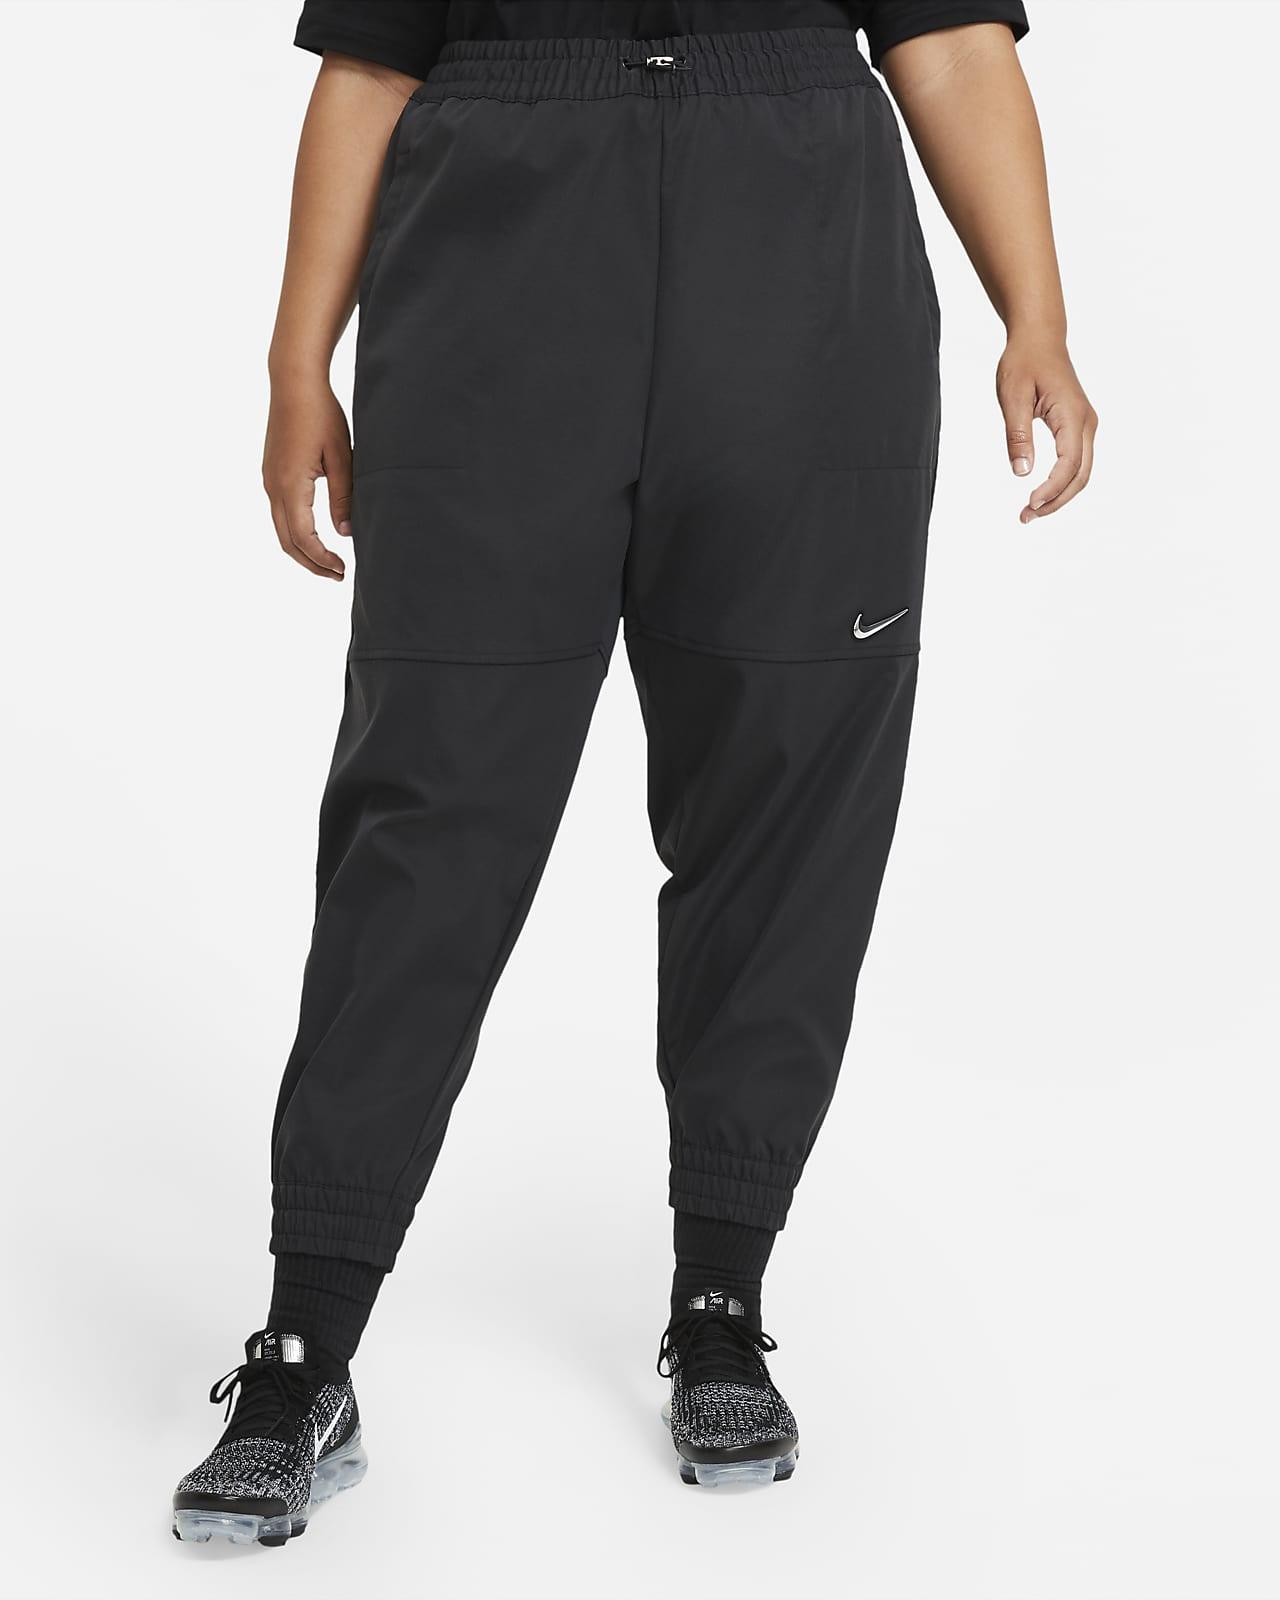 Nike Sportswear Swoosh Women's Trousers (Plus Size)